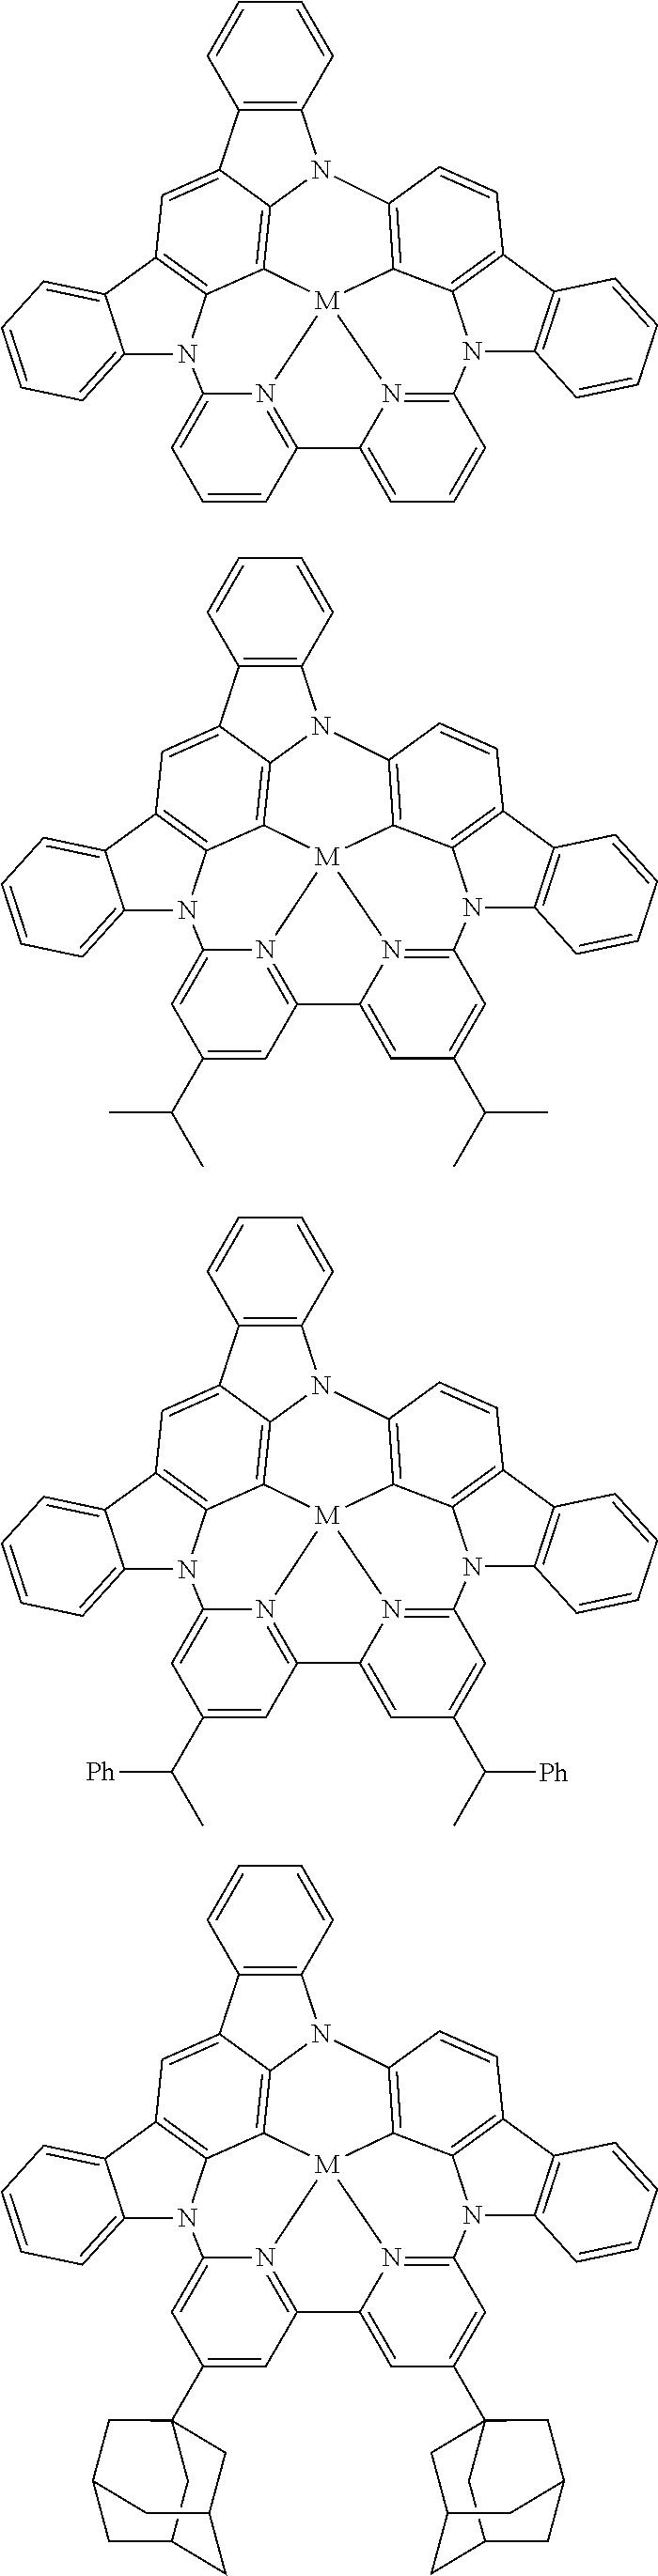 Figure US10158091-20181218-C00075